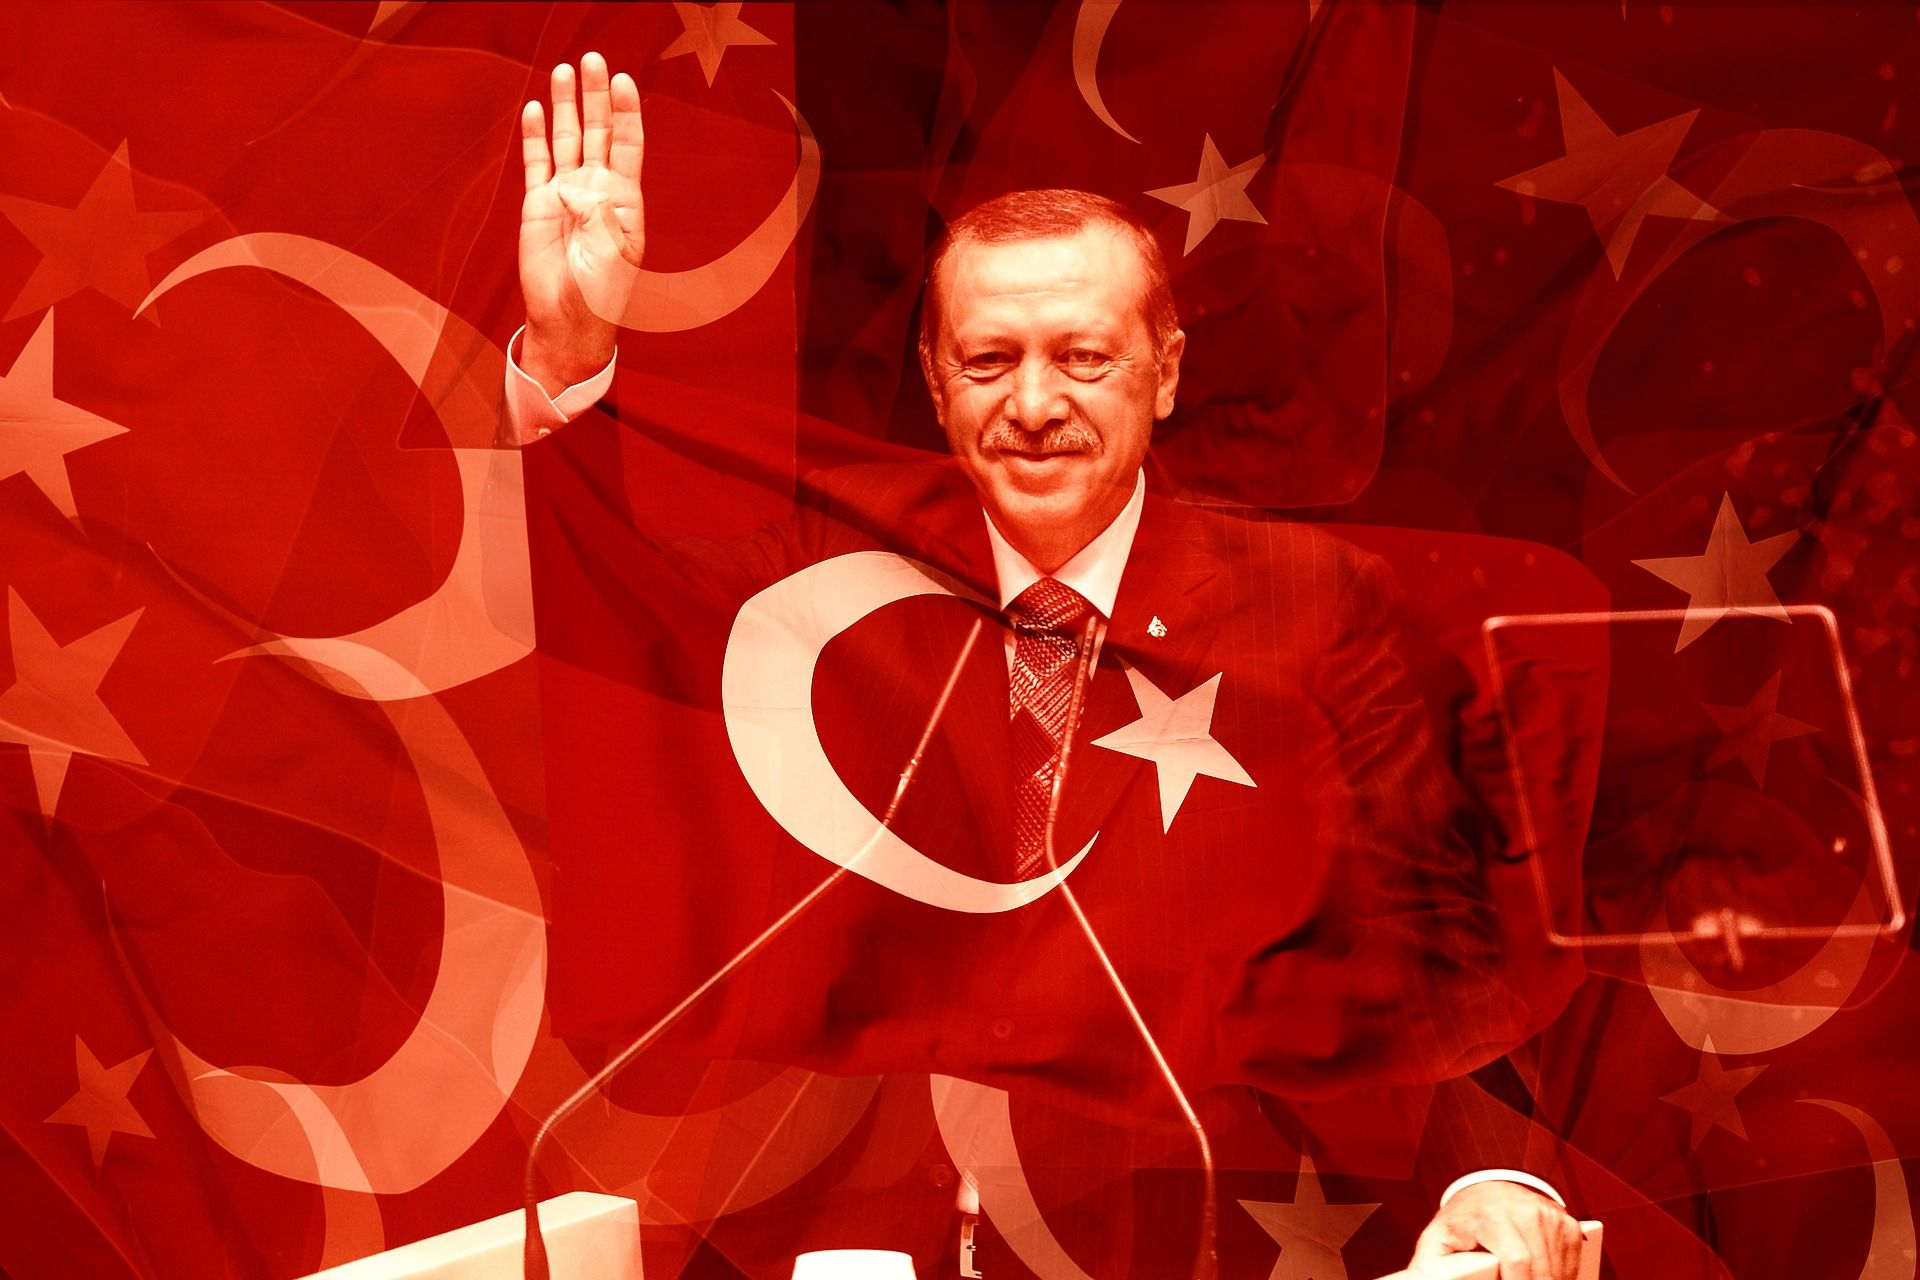 【トルコリラ】混乱必至?トルコ大統領選&総選挙の見どころ・展望を解説【スワップ】